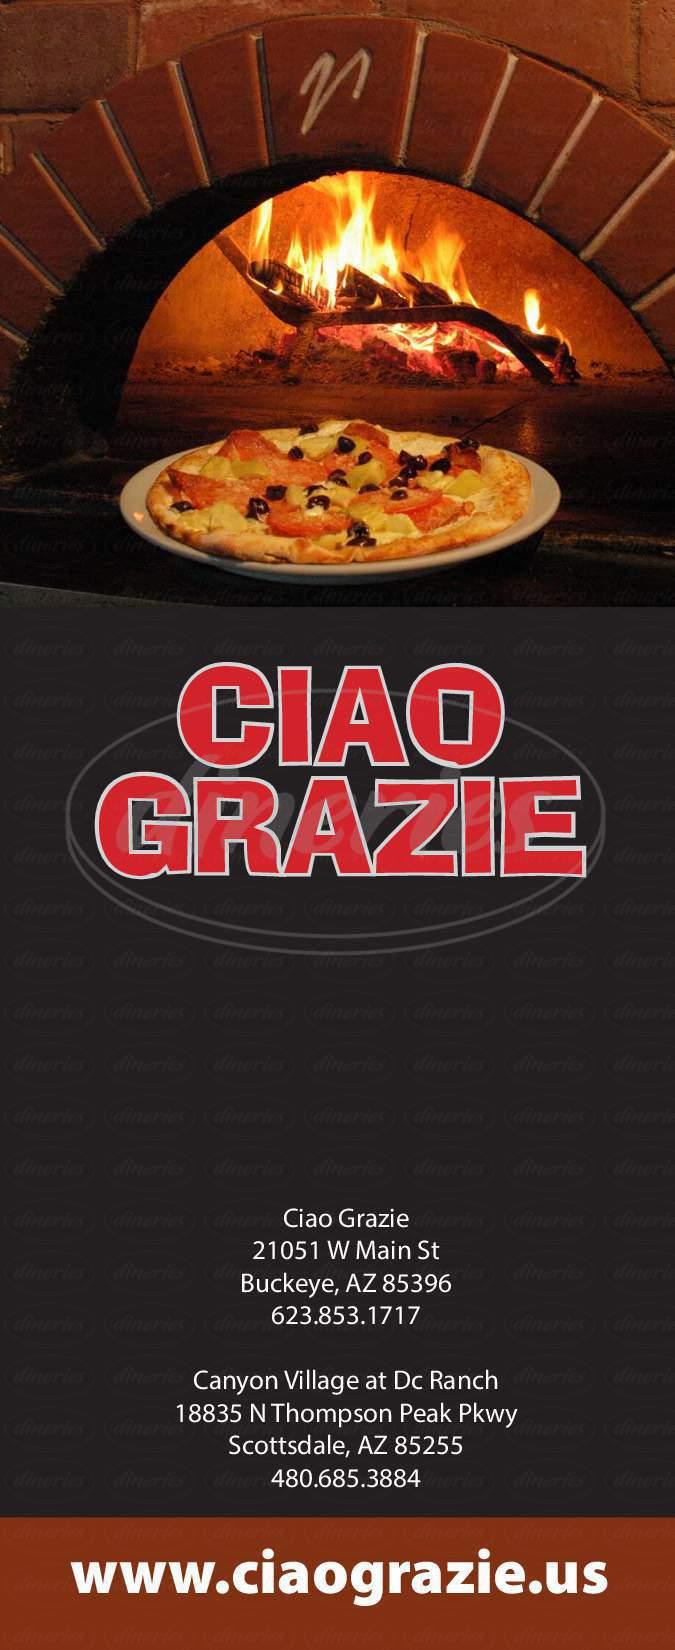 menu for Ciao Grazie